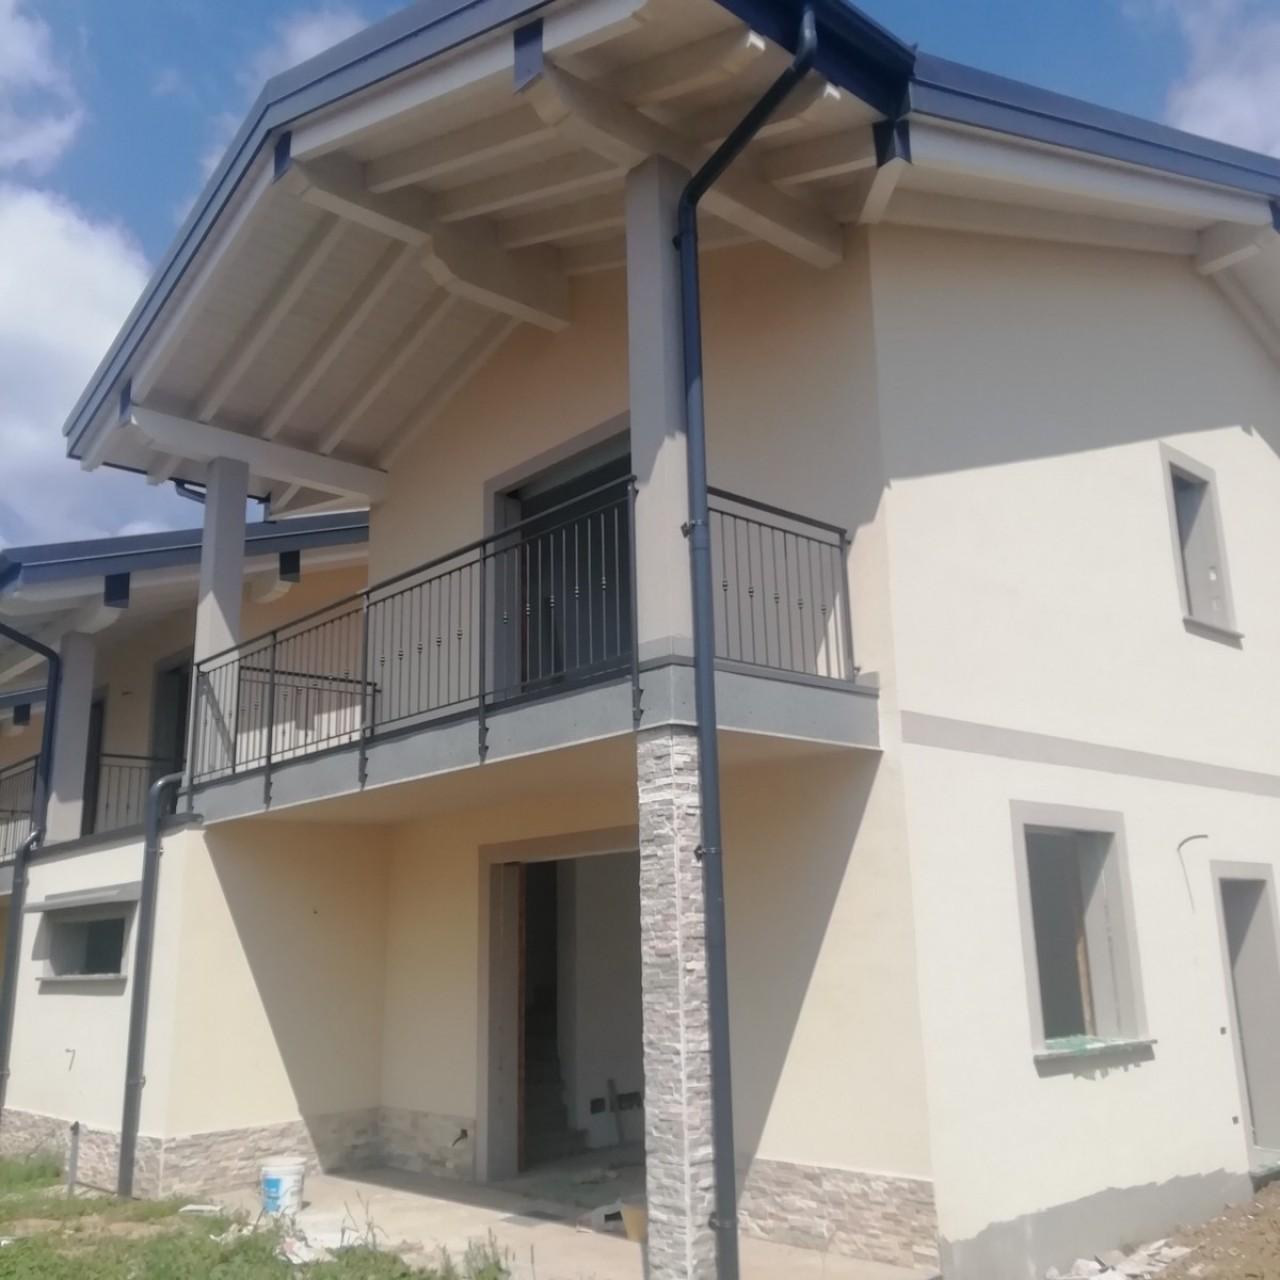 Villa a Schiera in vendita a Venegono Superiore, 4 locali, prezzo € 295.000 | CambioCasa.it